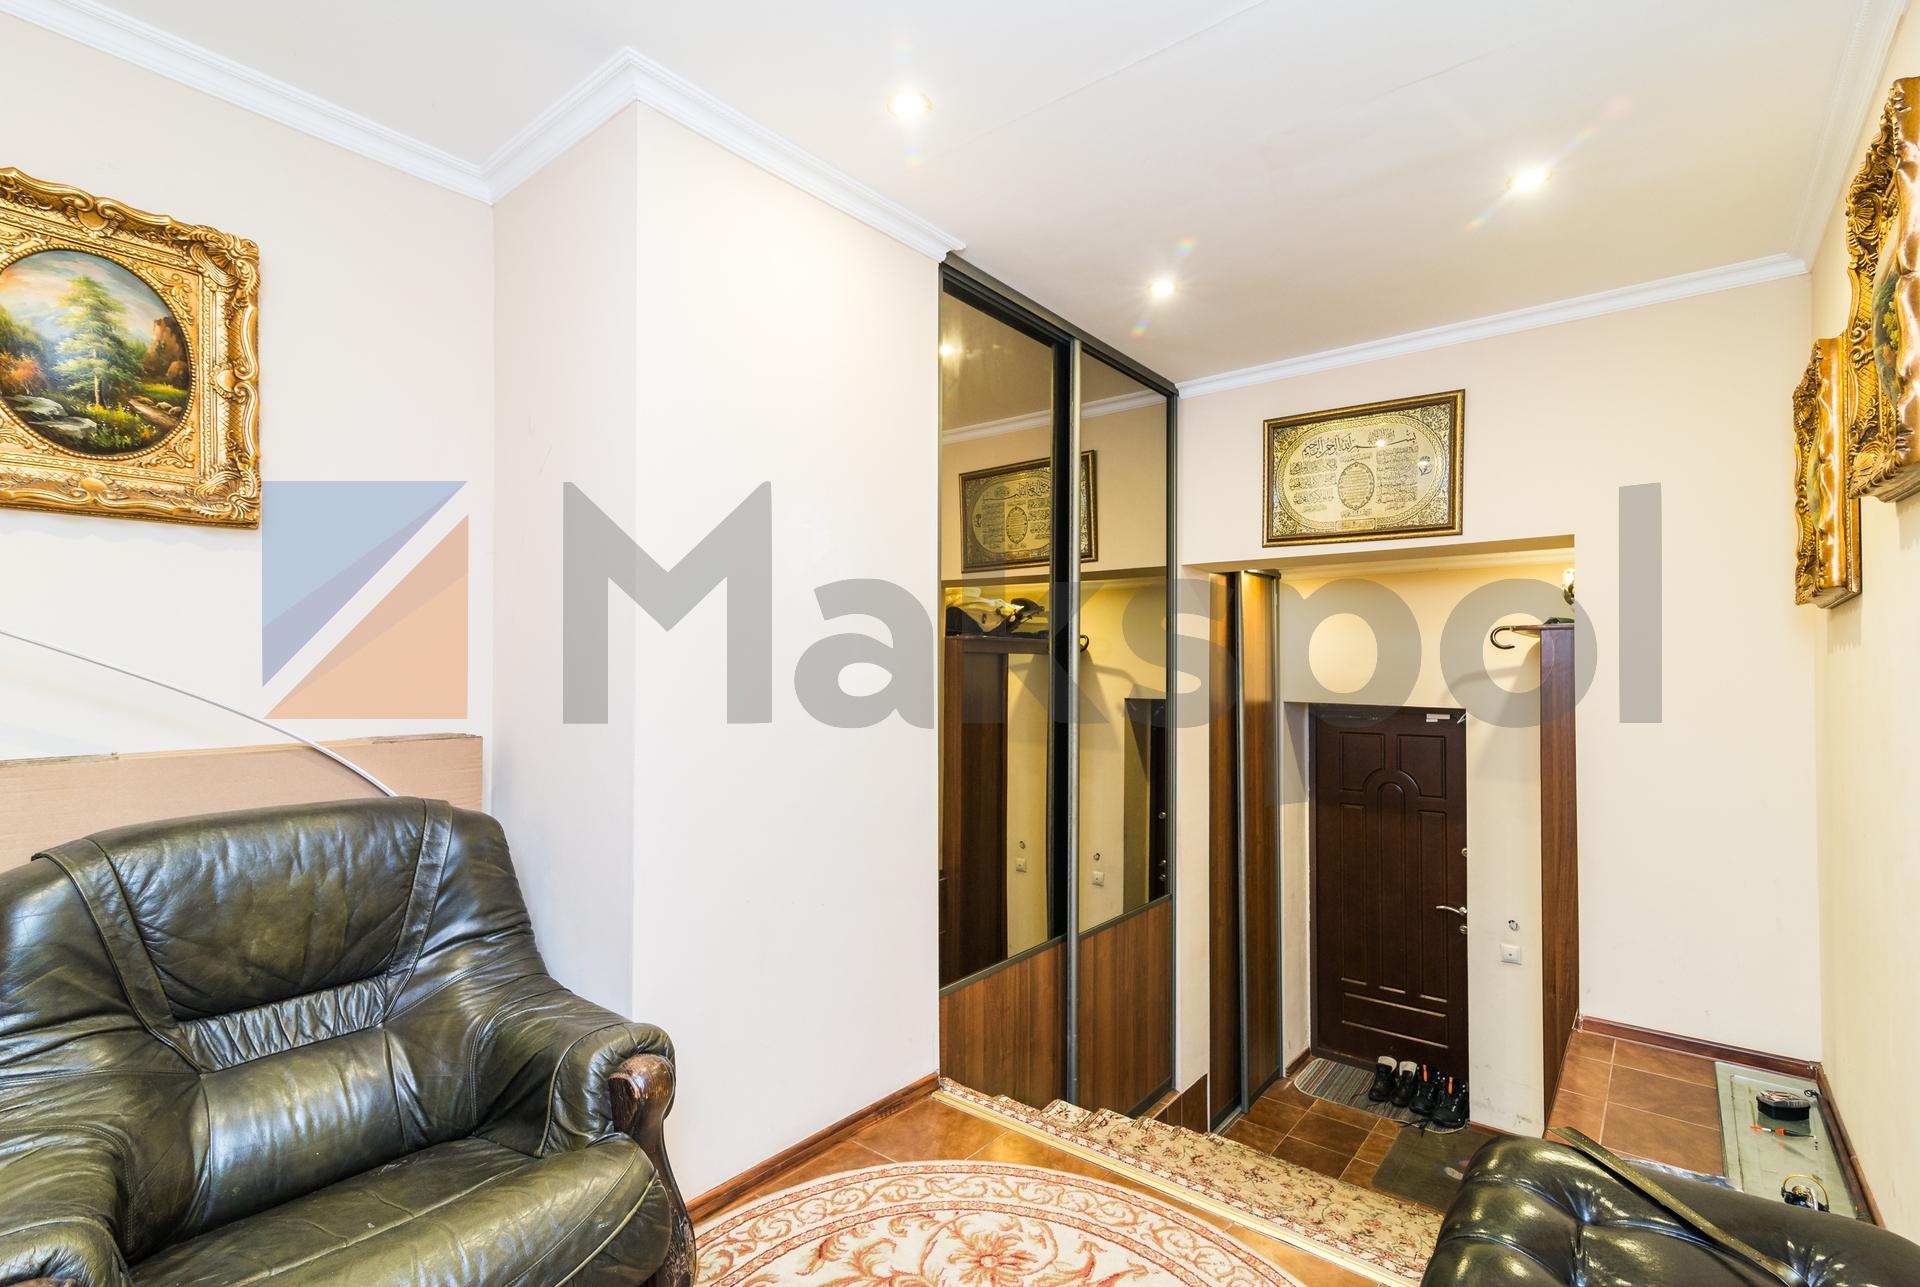 Эксклюзивная квартира для большой семьи по реальной цене!!! 15